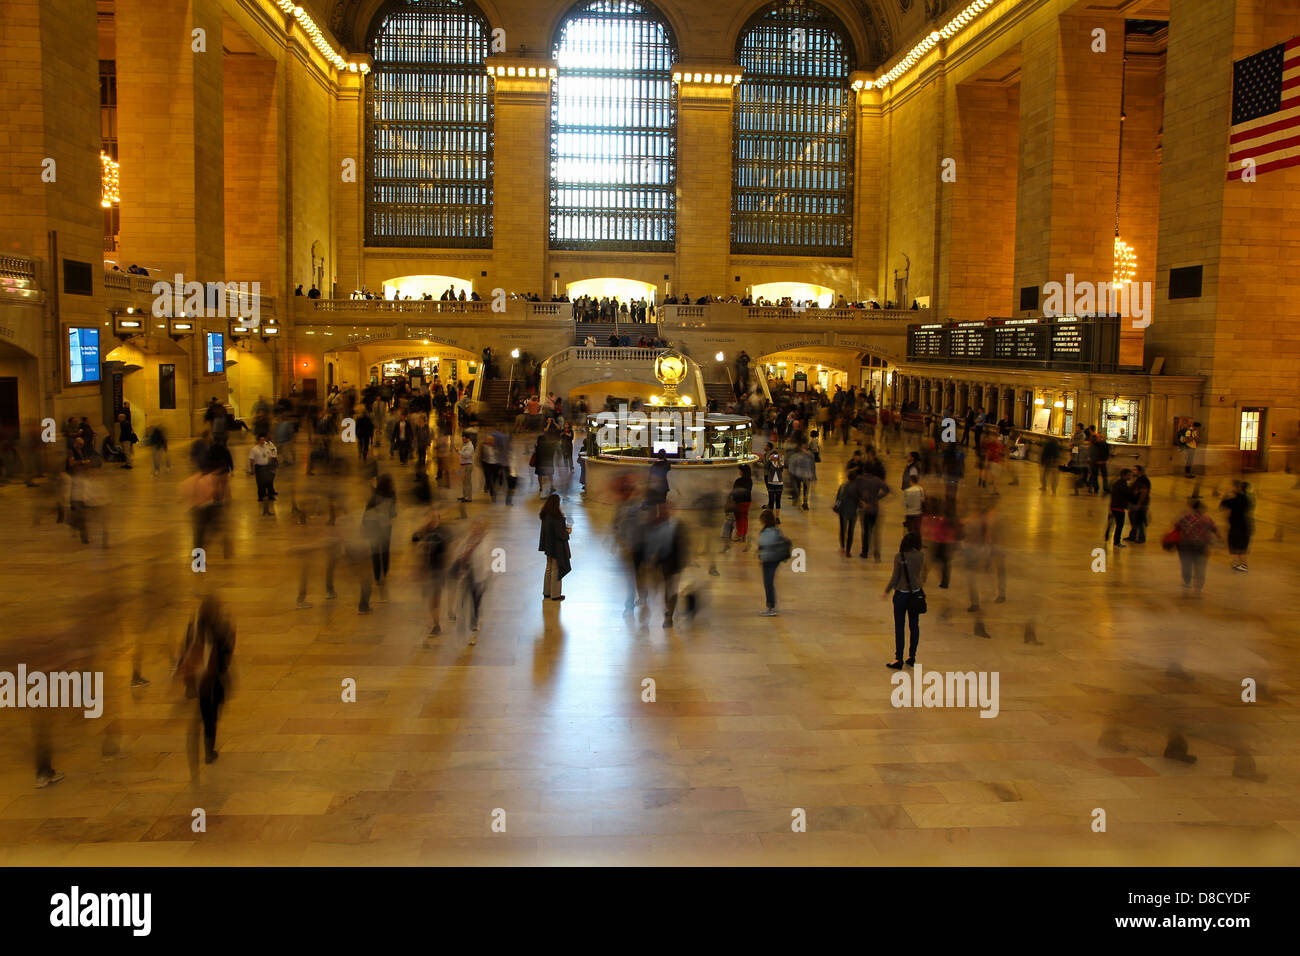 Gare Centrale Gare Union Square New York Big Apple USA Amérique latine Photo Stock